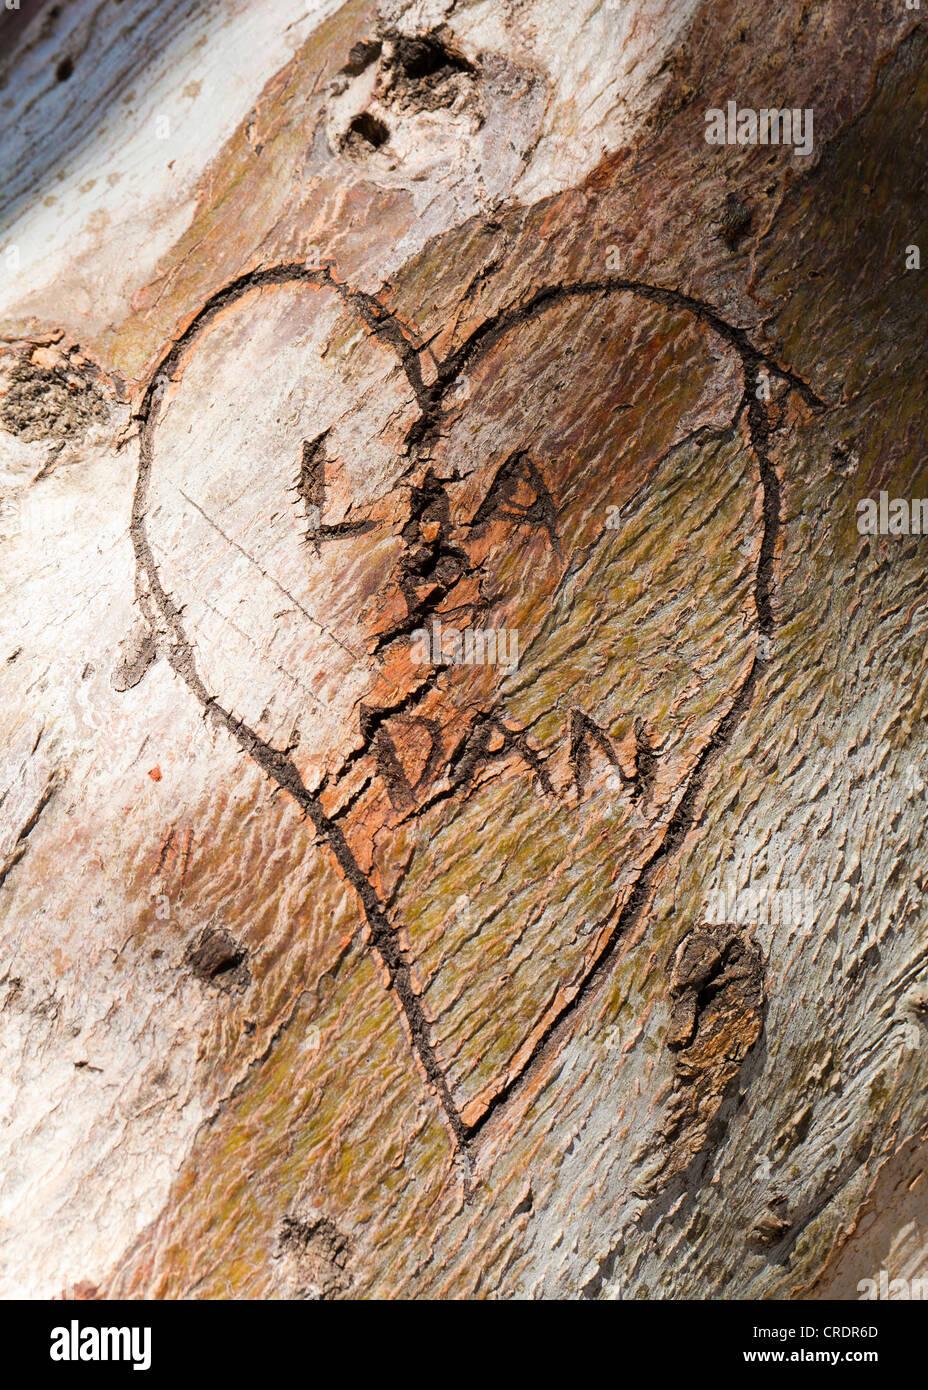 Corazón tallado en tronco de árbol Imagen De Stock